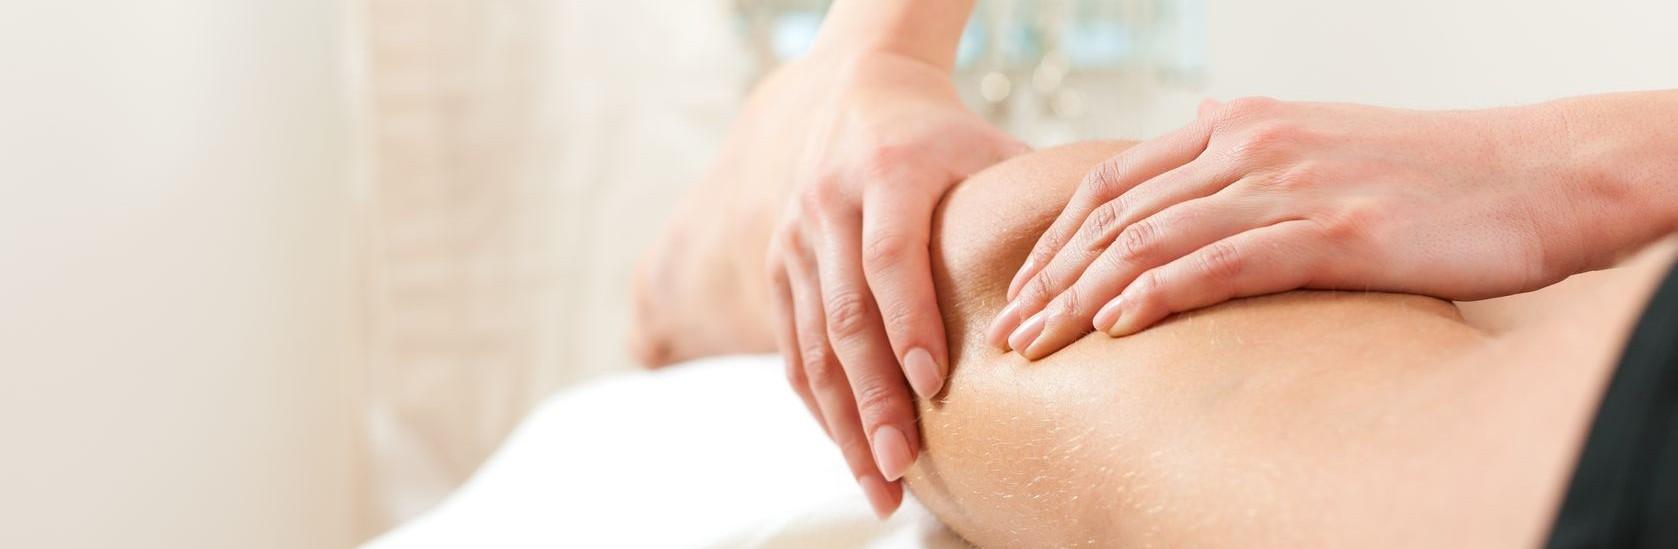 linfodrenaggio-massaggio-linfodrenante-e1434574986519